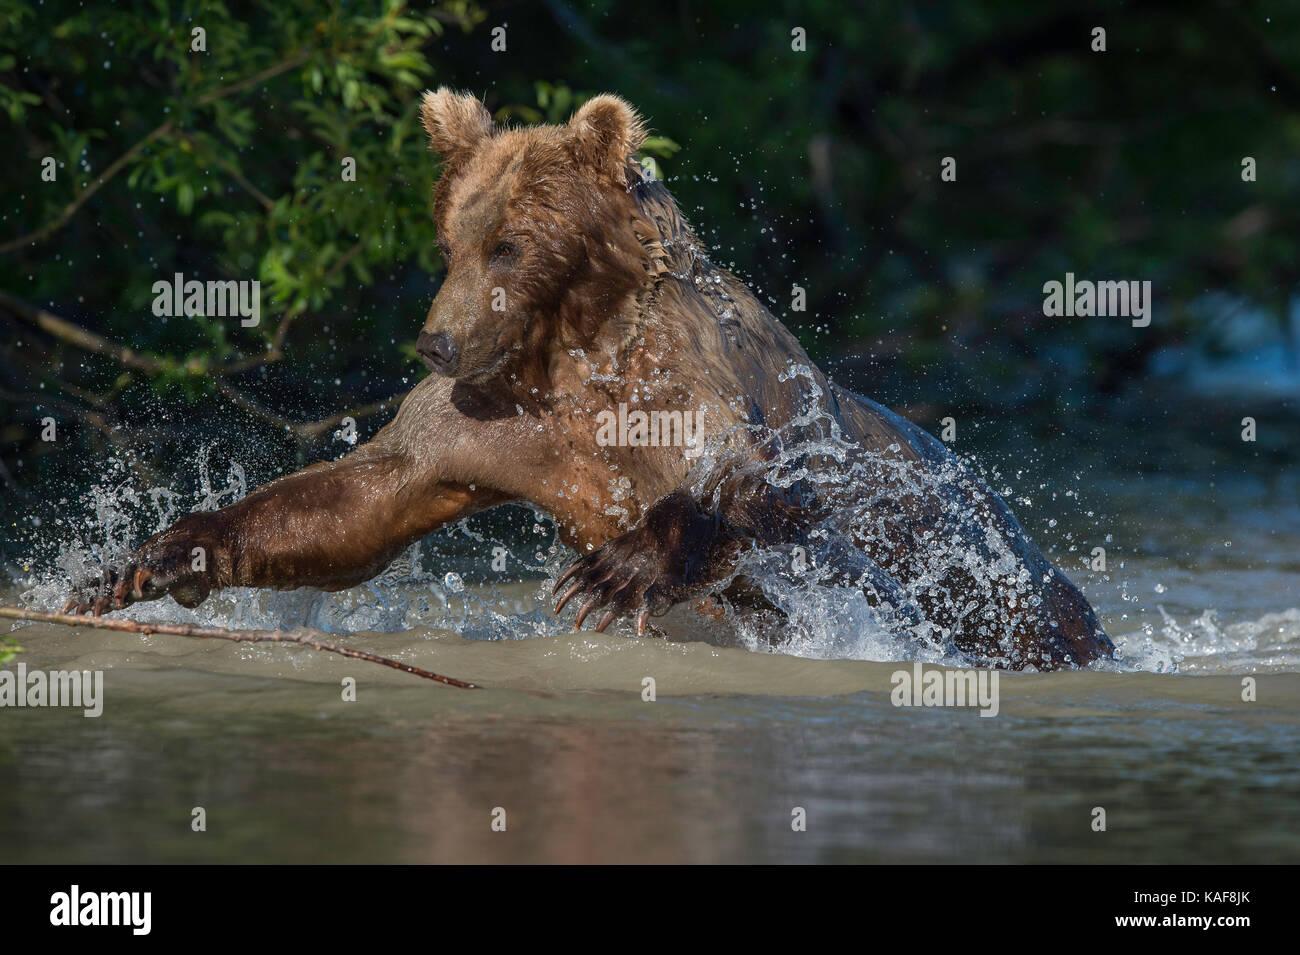 Brauner Bär, der sich auf sockeye Lachse, Kamtschatka, Russland. Stockfoto